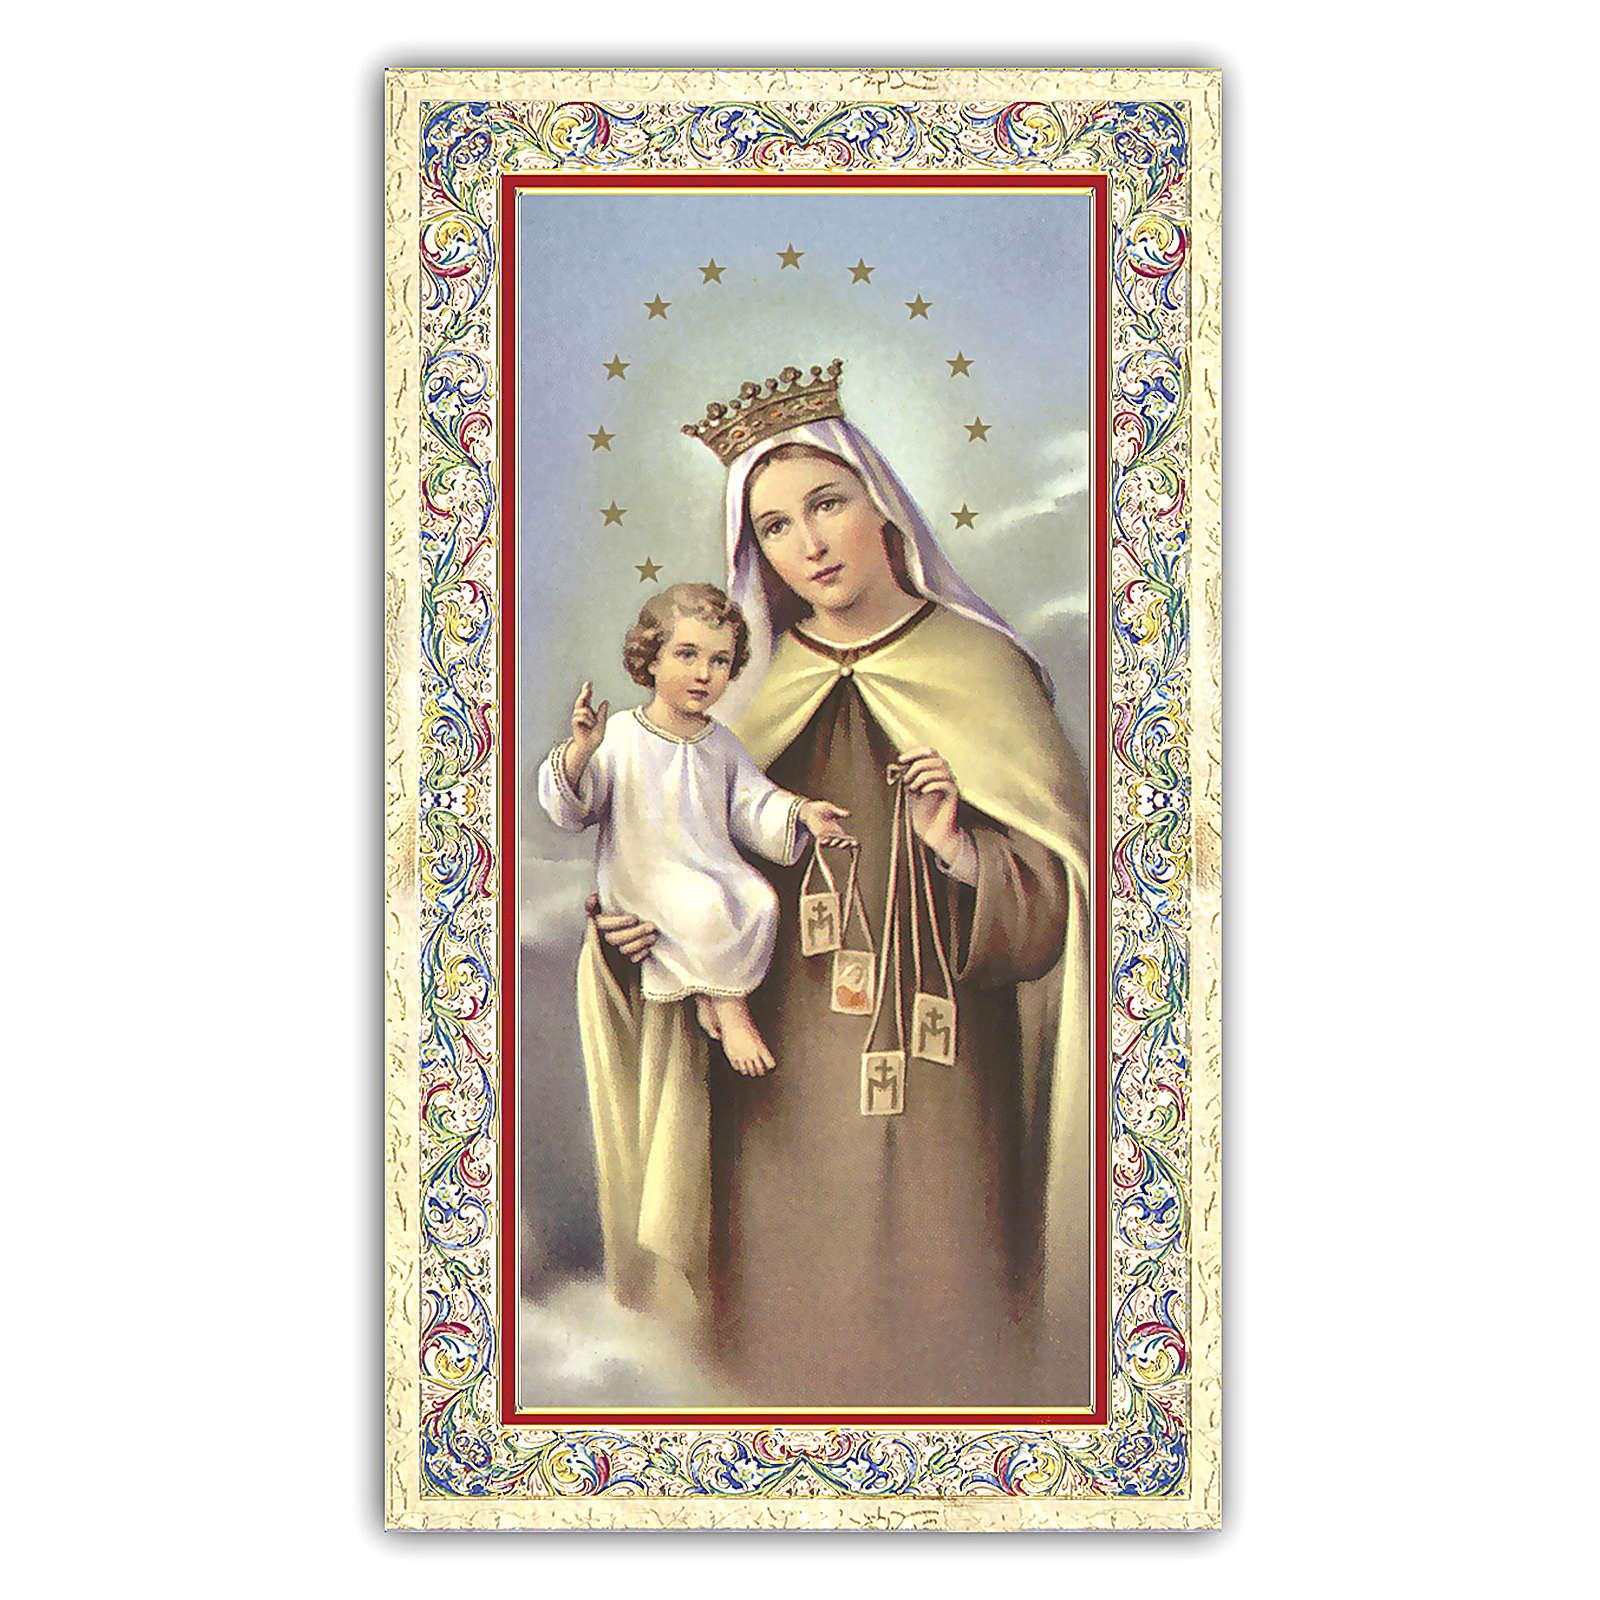 Estampa Nuestra Señora del Carmen 10x5 cm ITALIANO 4